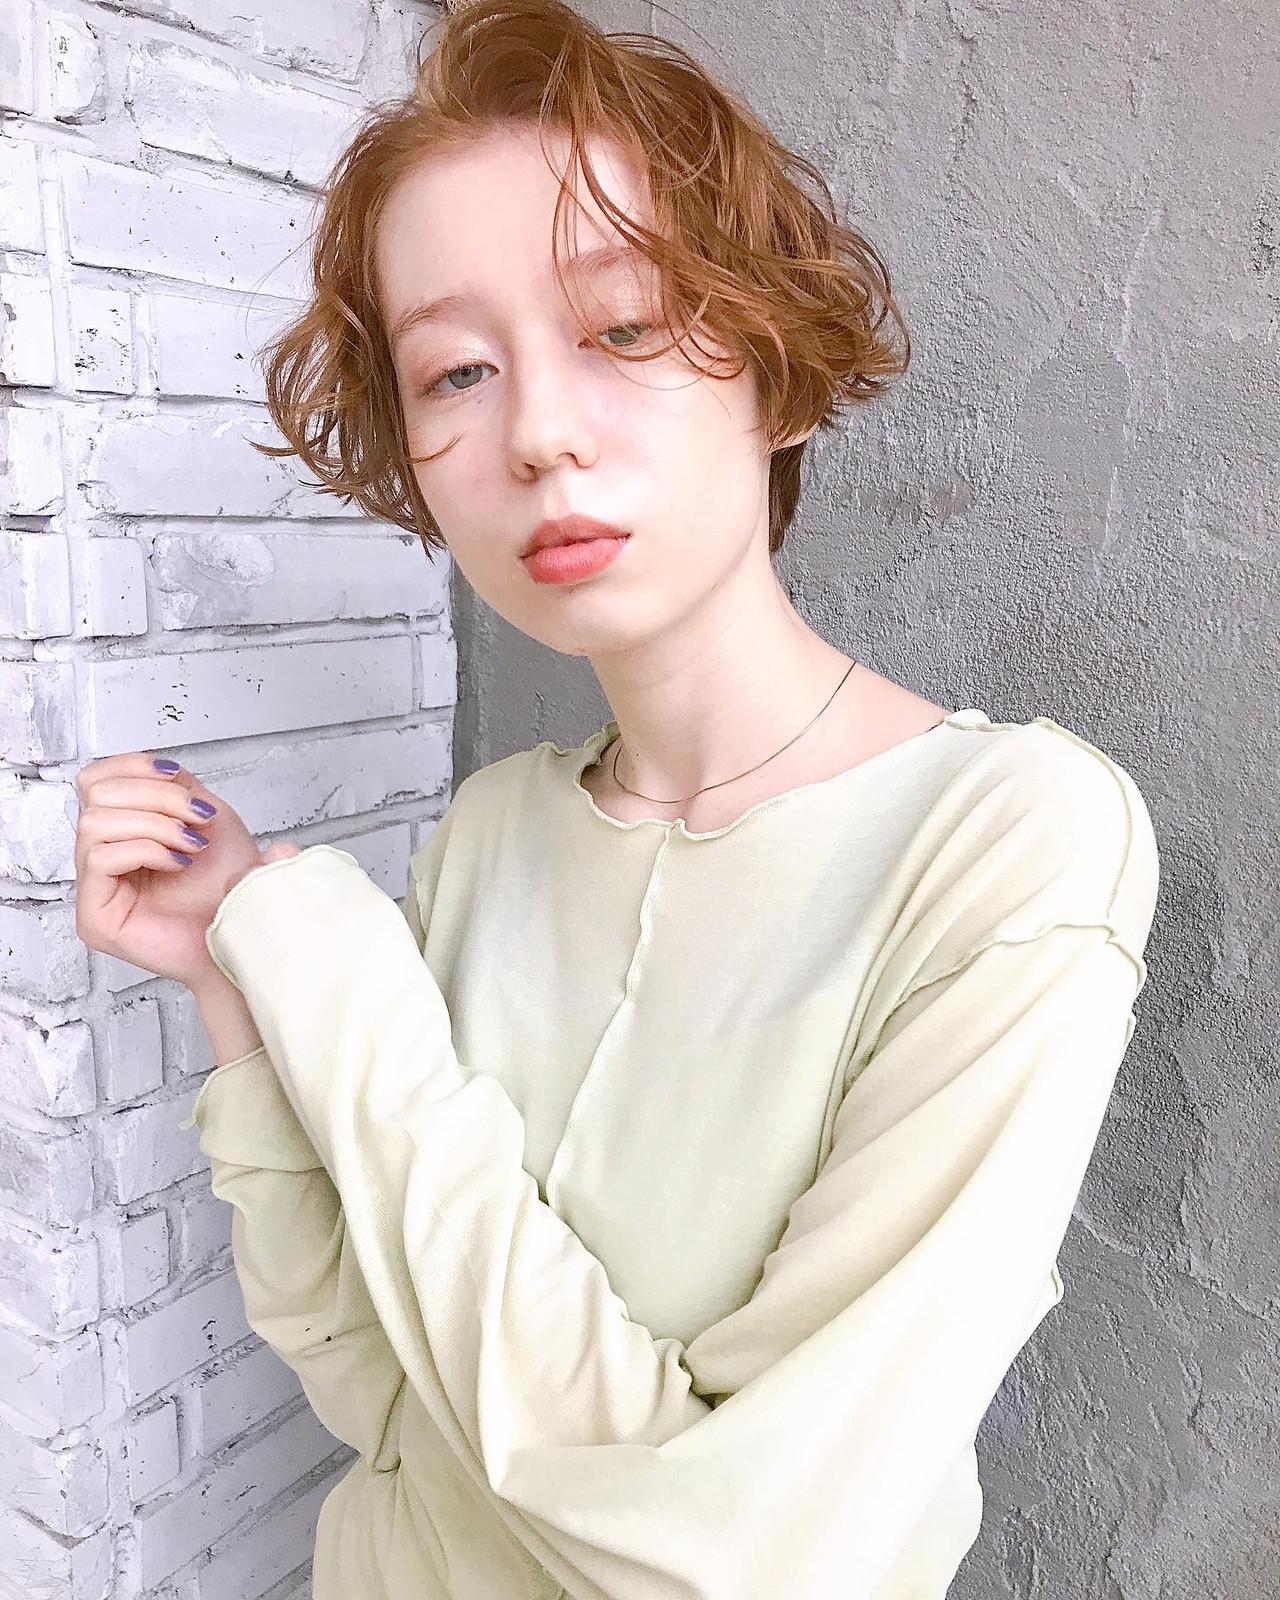 似合わせカット ナチュラル ショート ショートヘア ヘアスタイルや髪型の写真・画像 | オカダアサミ / KILLA